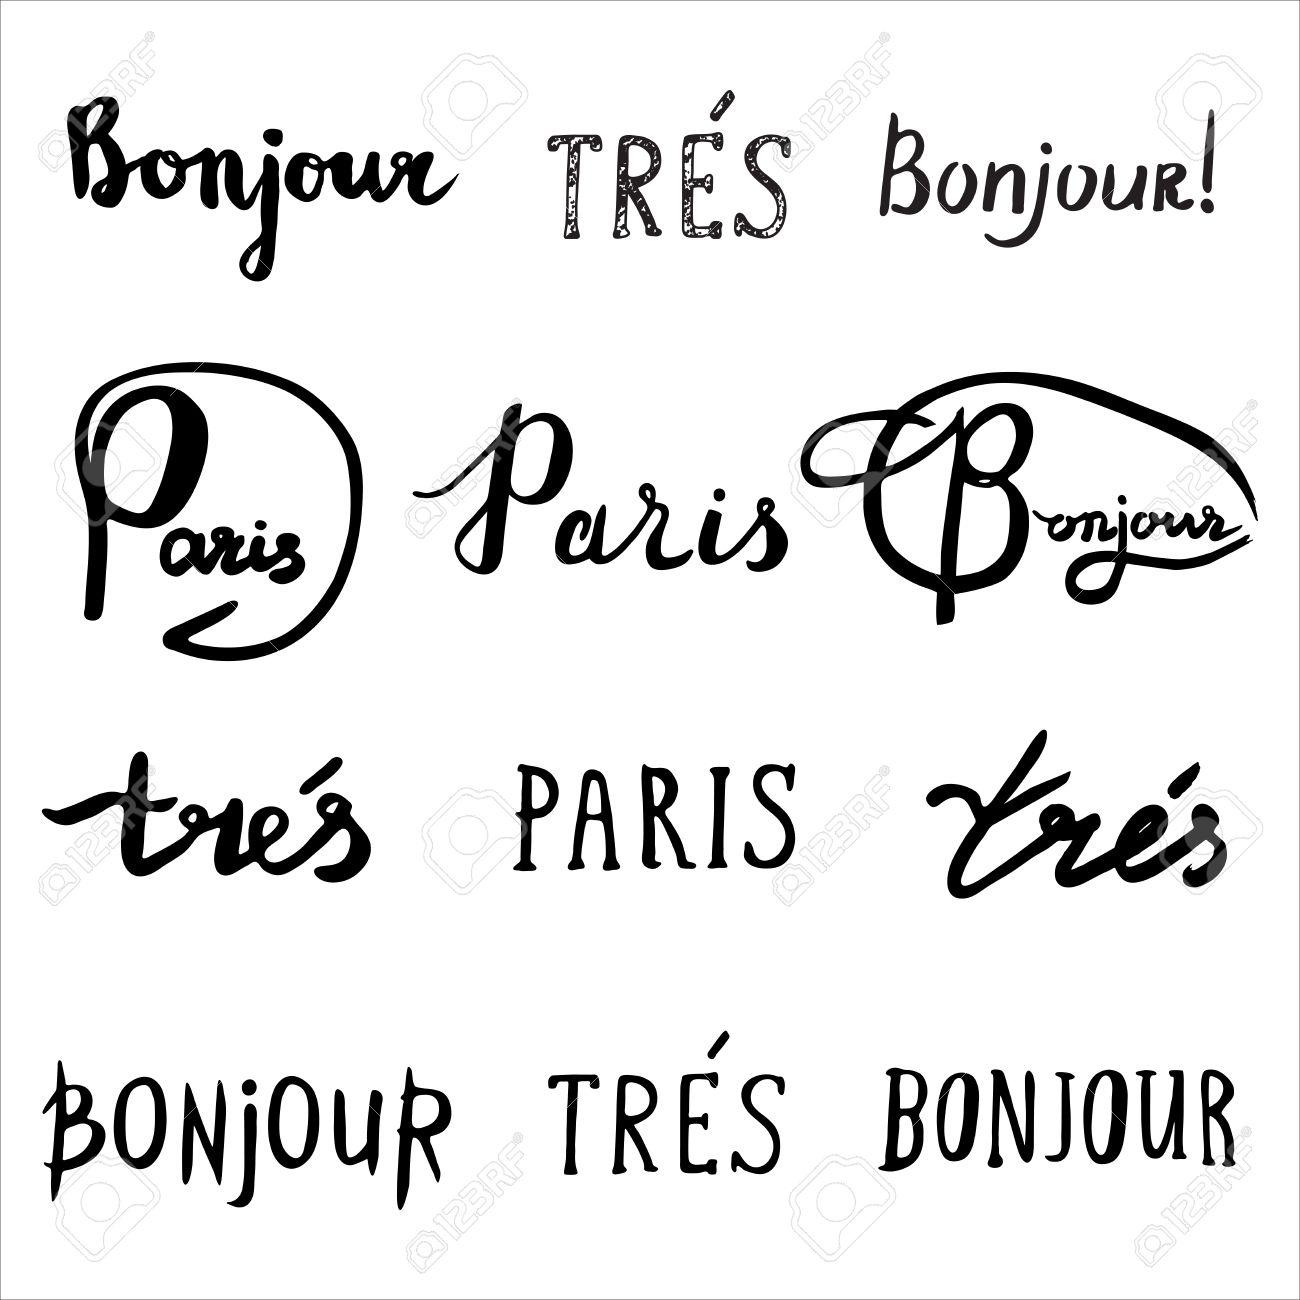 Dibujado A Mano Colección De Frases Francés Bonjour Hola Tres Muy Y París Escrita A Mano Inspirado Cepillo De La Caligrafía Moderna Tarjetas